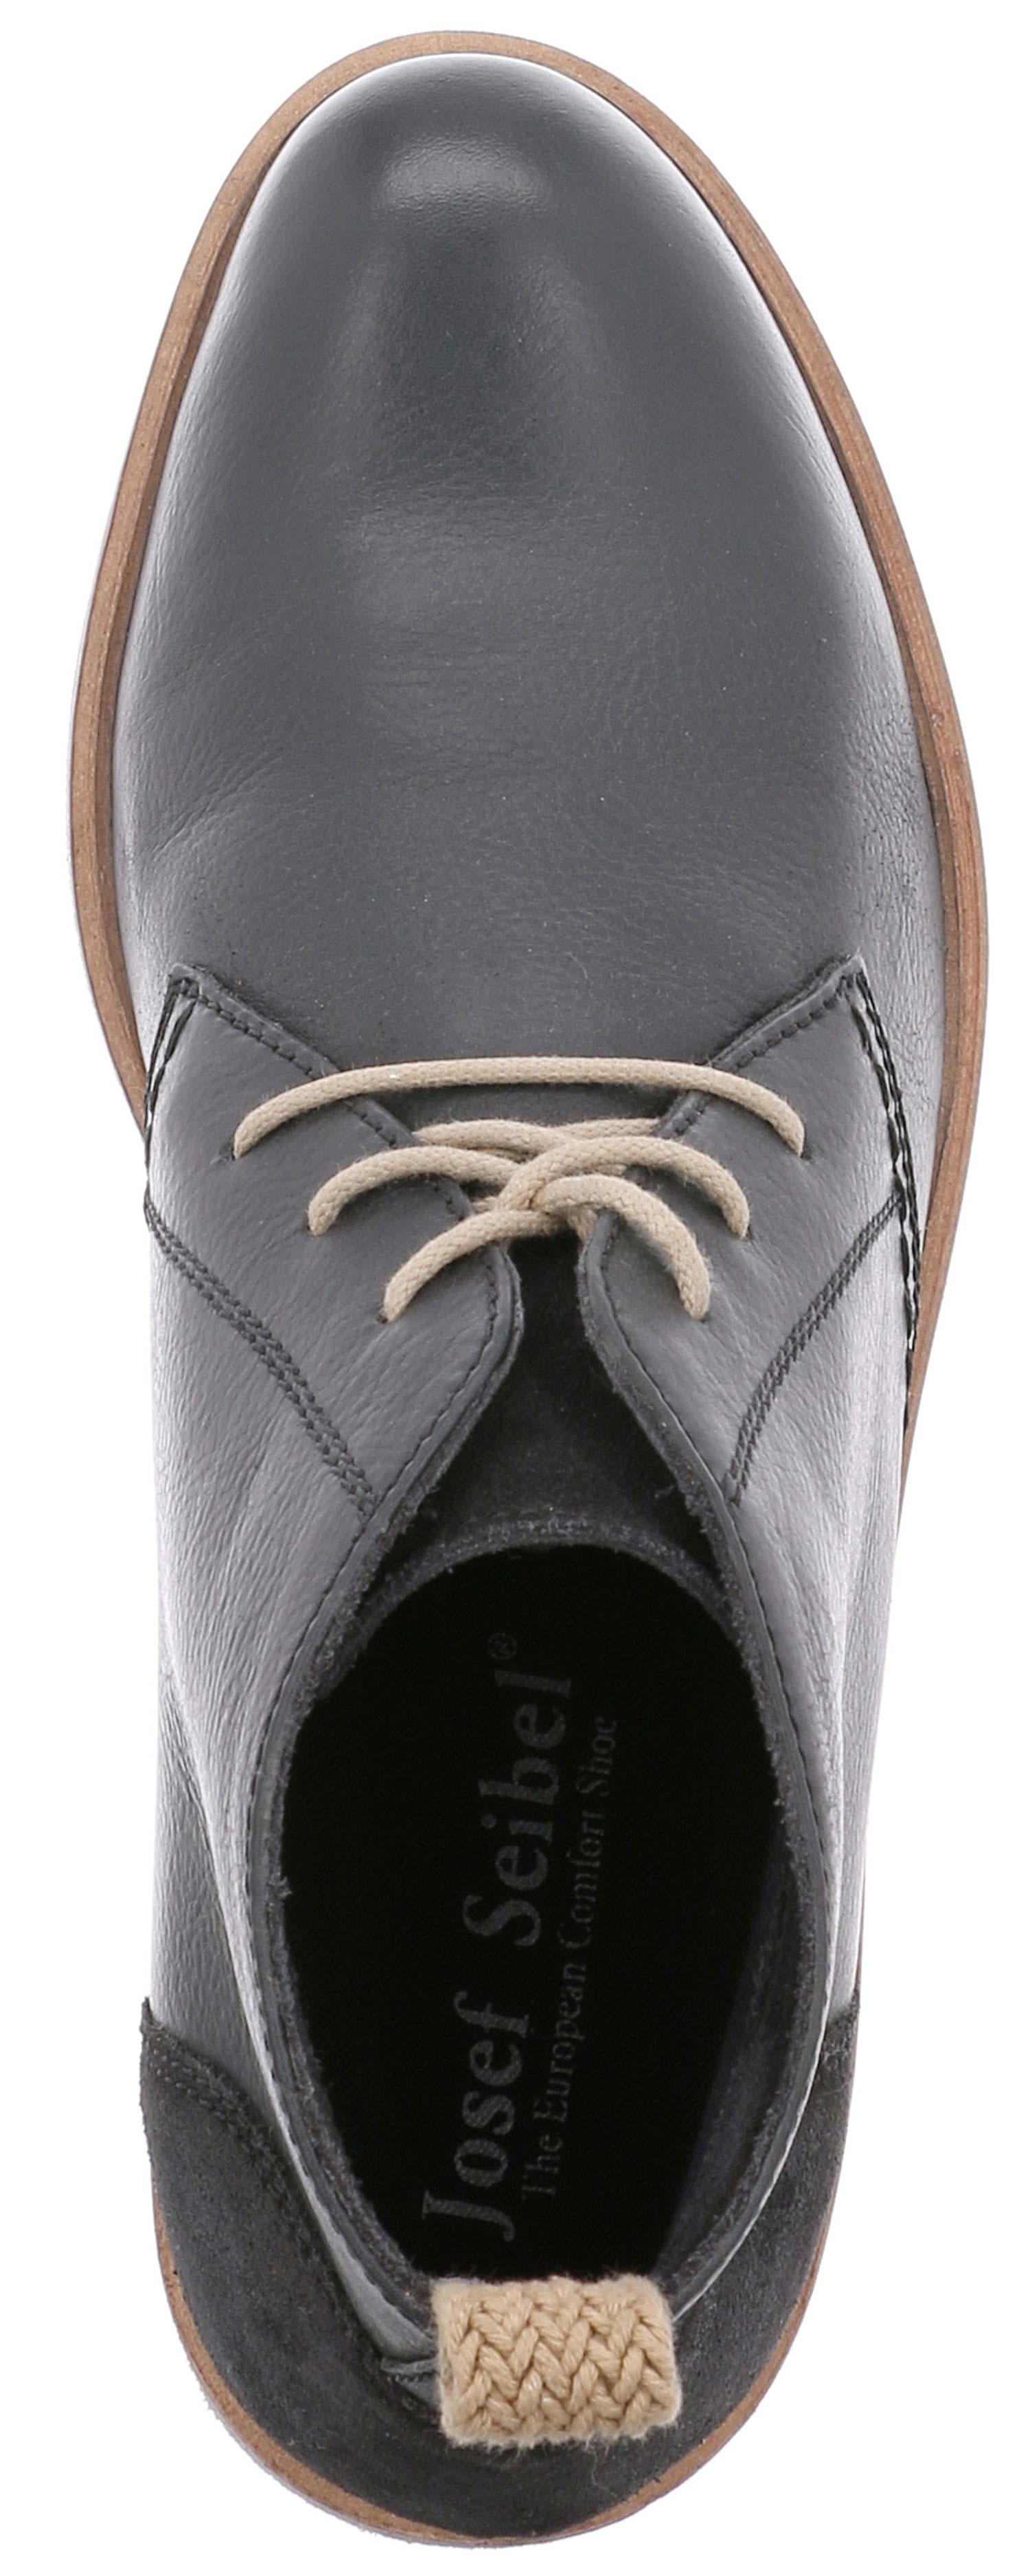 Josef Seibel semi stanley señores semi Seibel zapato Slipper 28802mi786/100 negro nuevo e7a1f4